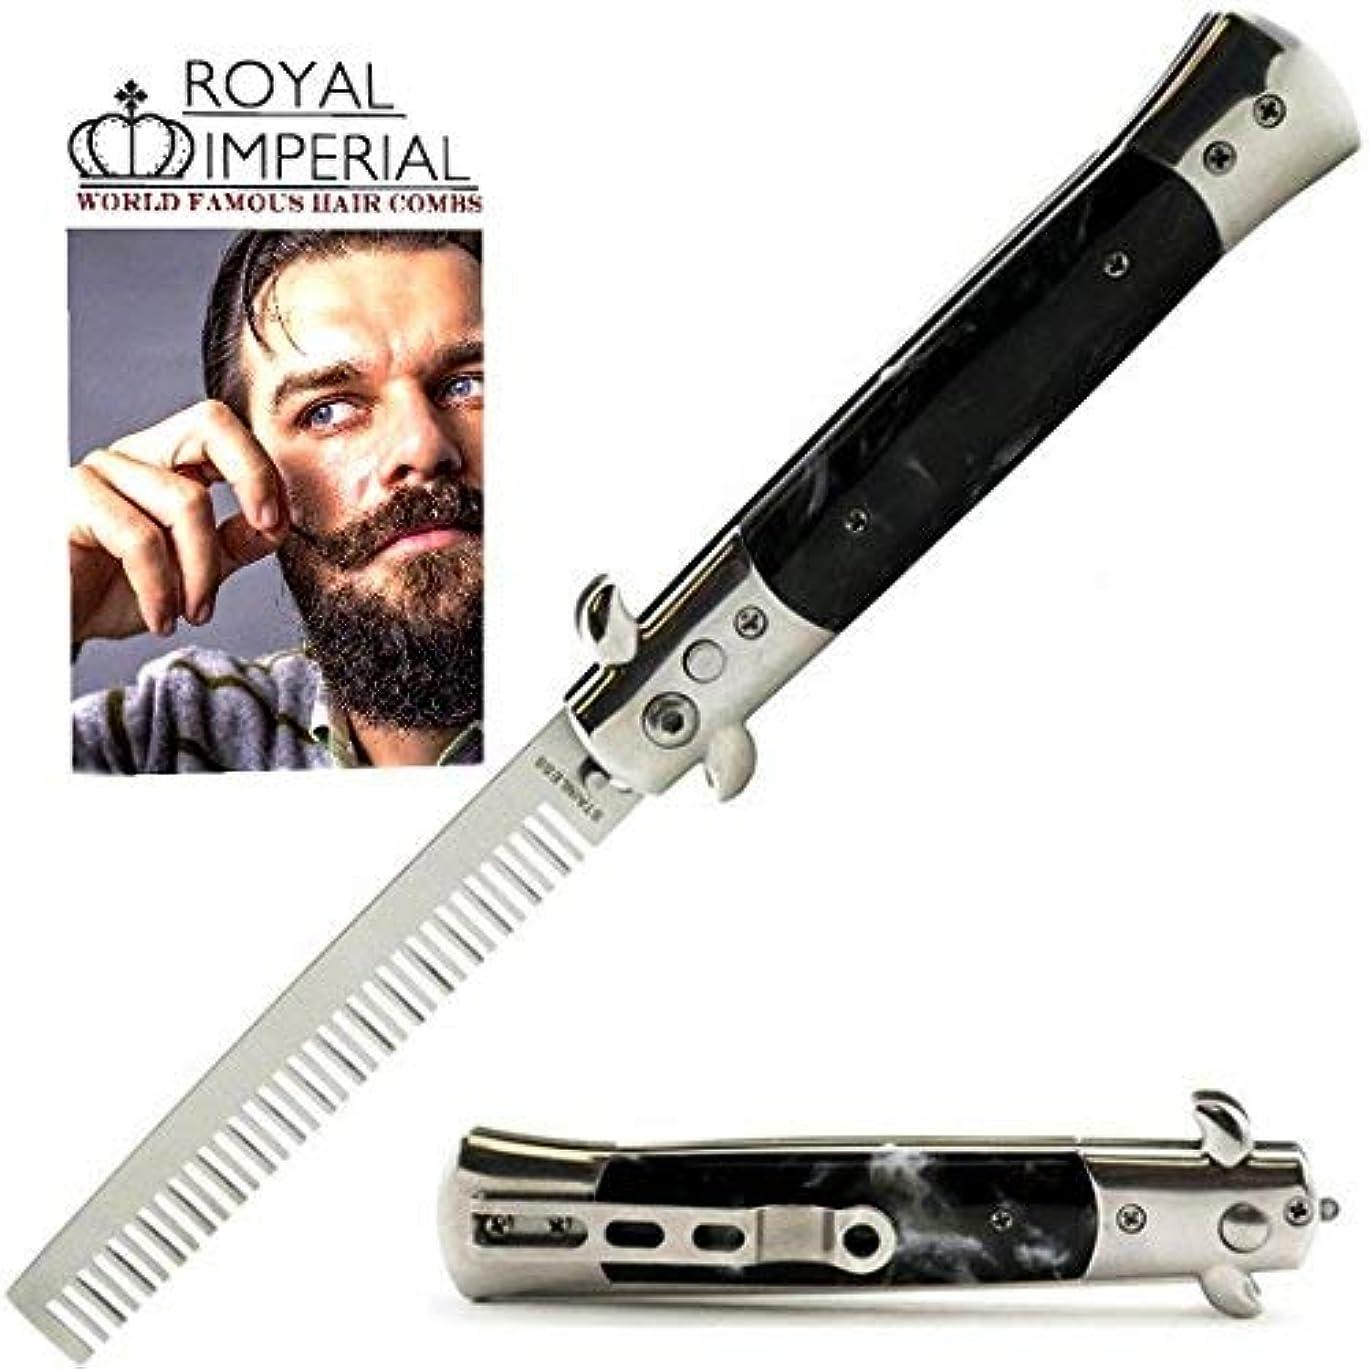 クマノミゲートウェイ食べるRoyal Imperial Metal Switchblade Pocket Folding Flick Hair Comb For Beard, Mustache, Head Black Pearl Handle ~...